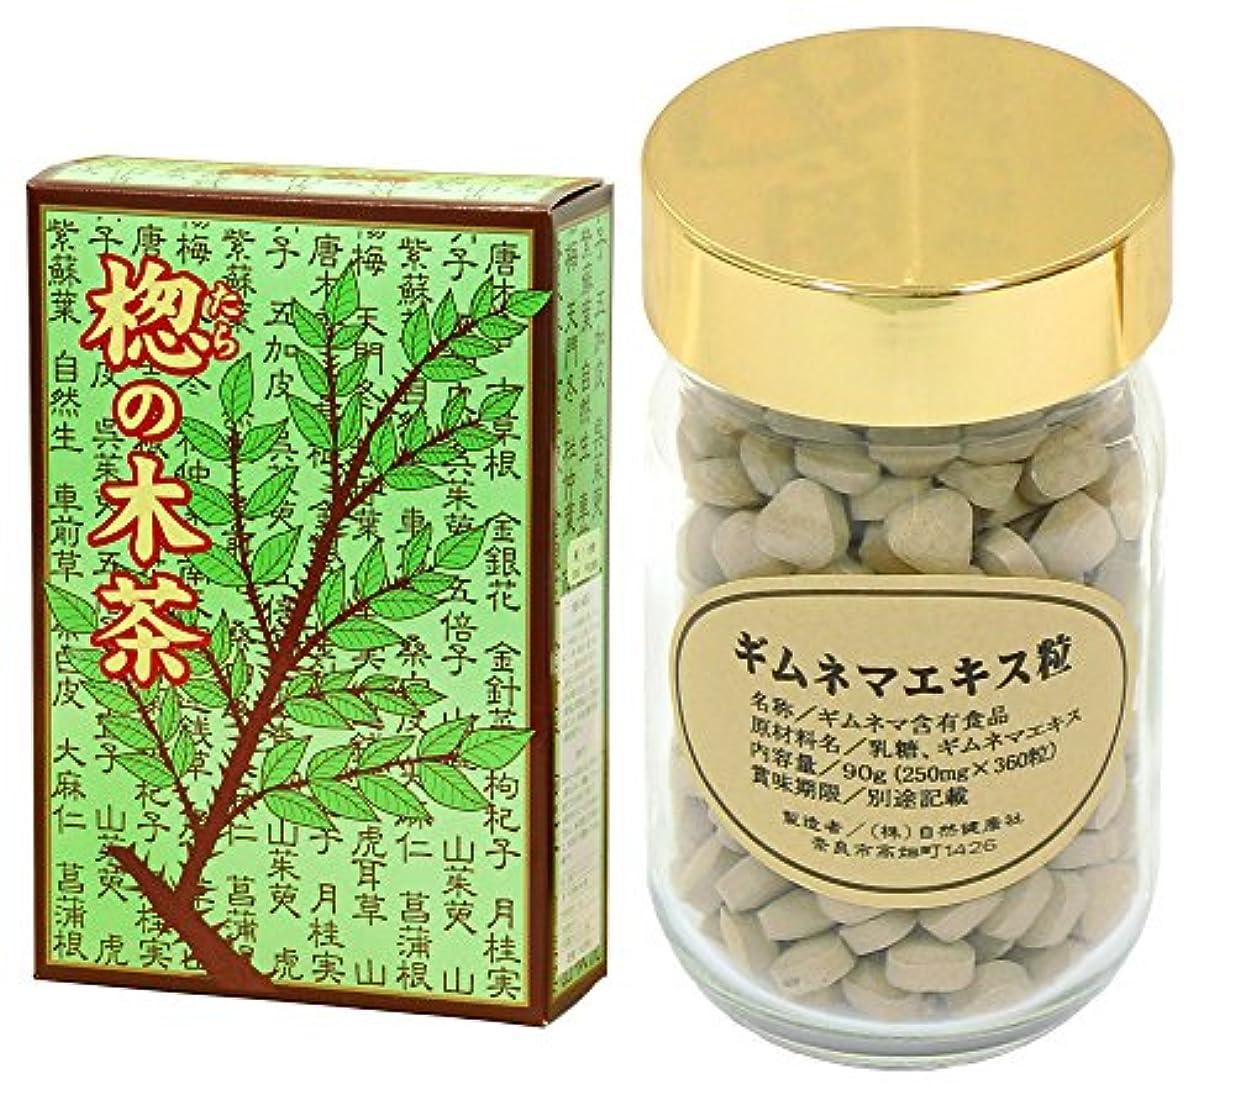 優雅うめき声心配する自然健康社 国産タラノキ茶 30パック + ギムネマエキス粒 90g